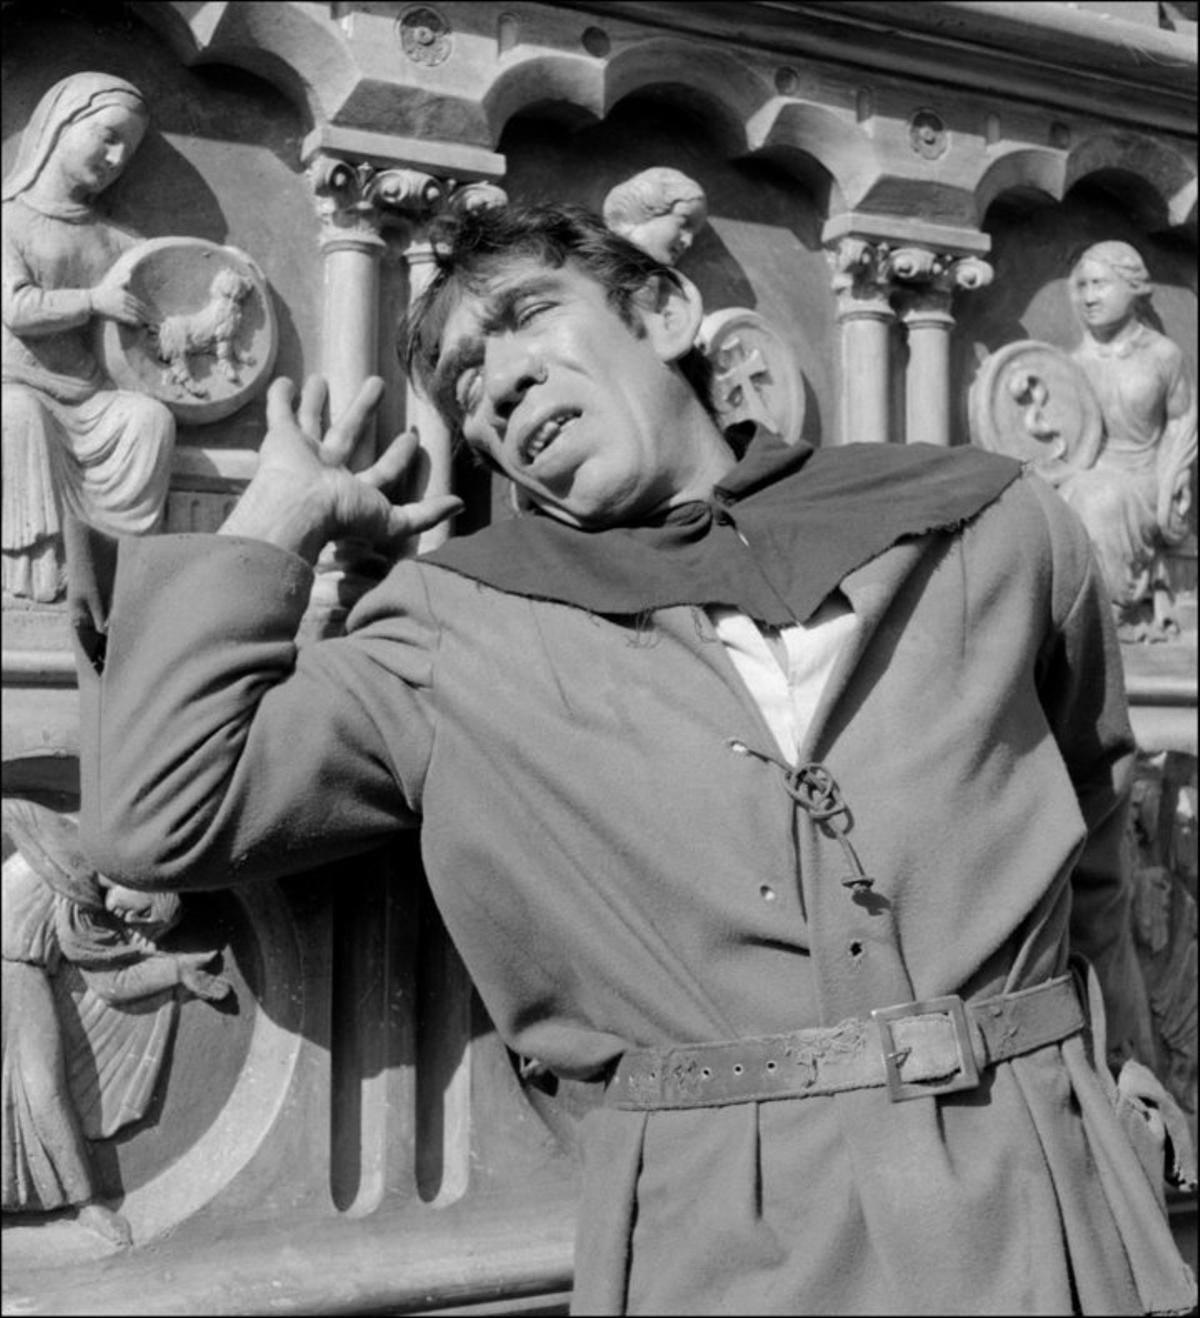 Anthony Quinn, en el papel de Quasimodo.